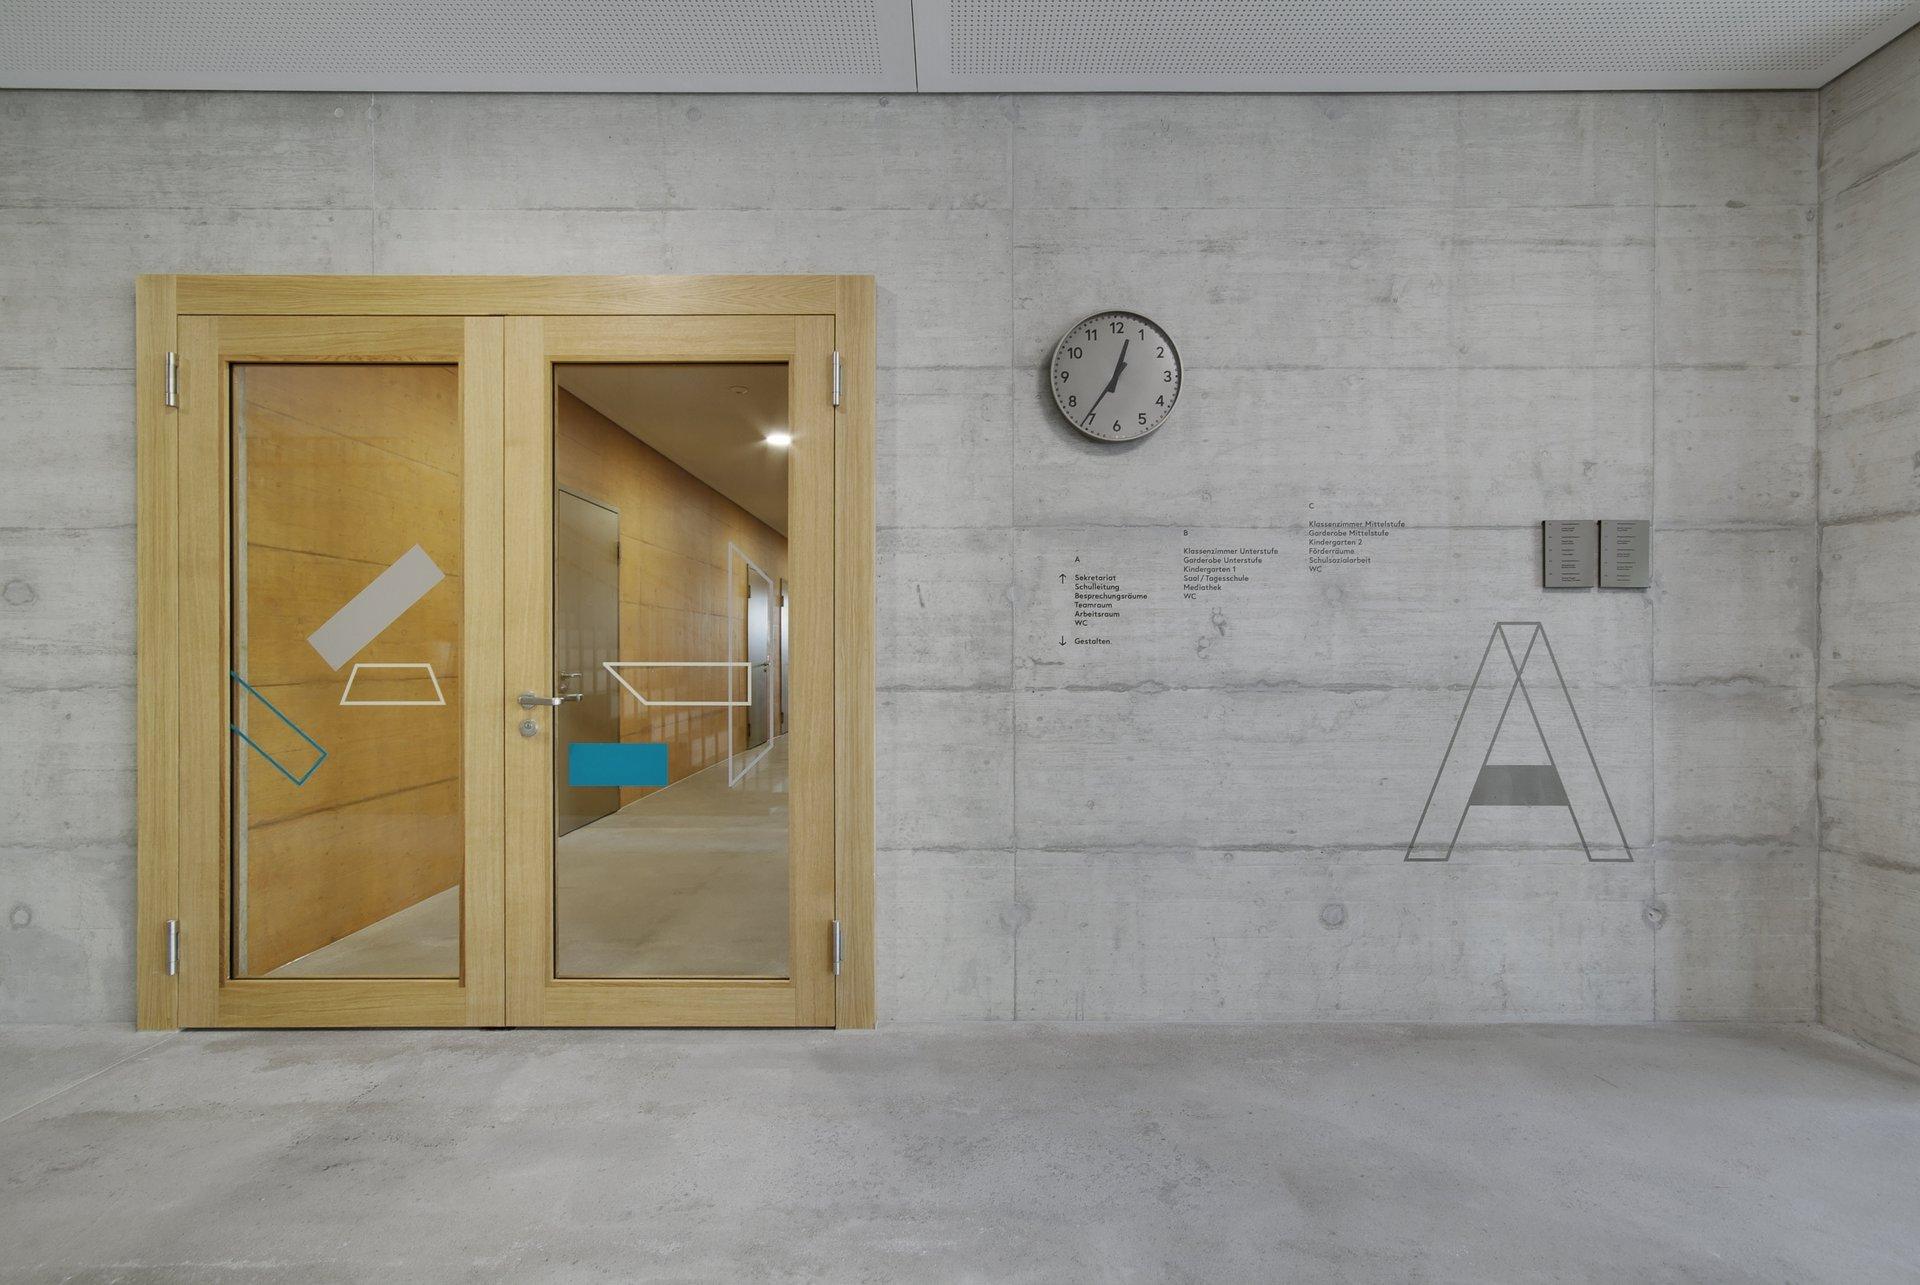 2-Flüglige Türe aus Holz